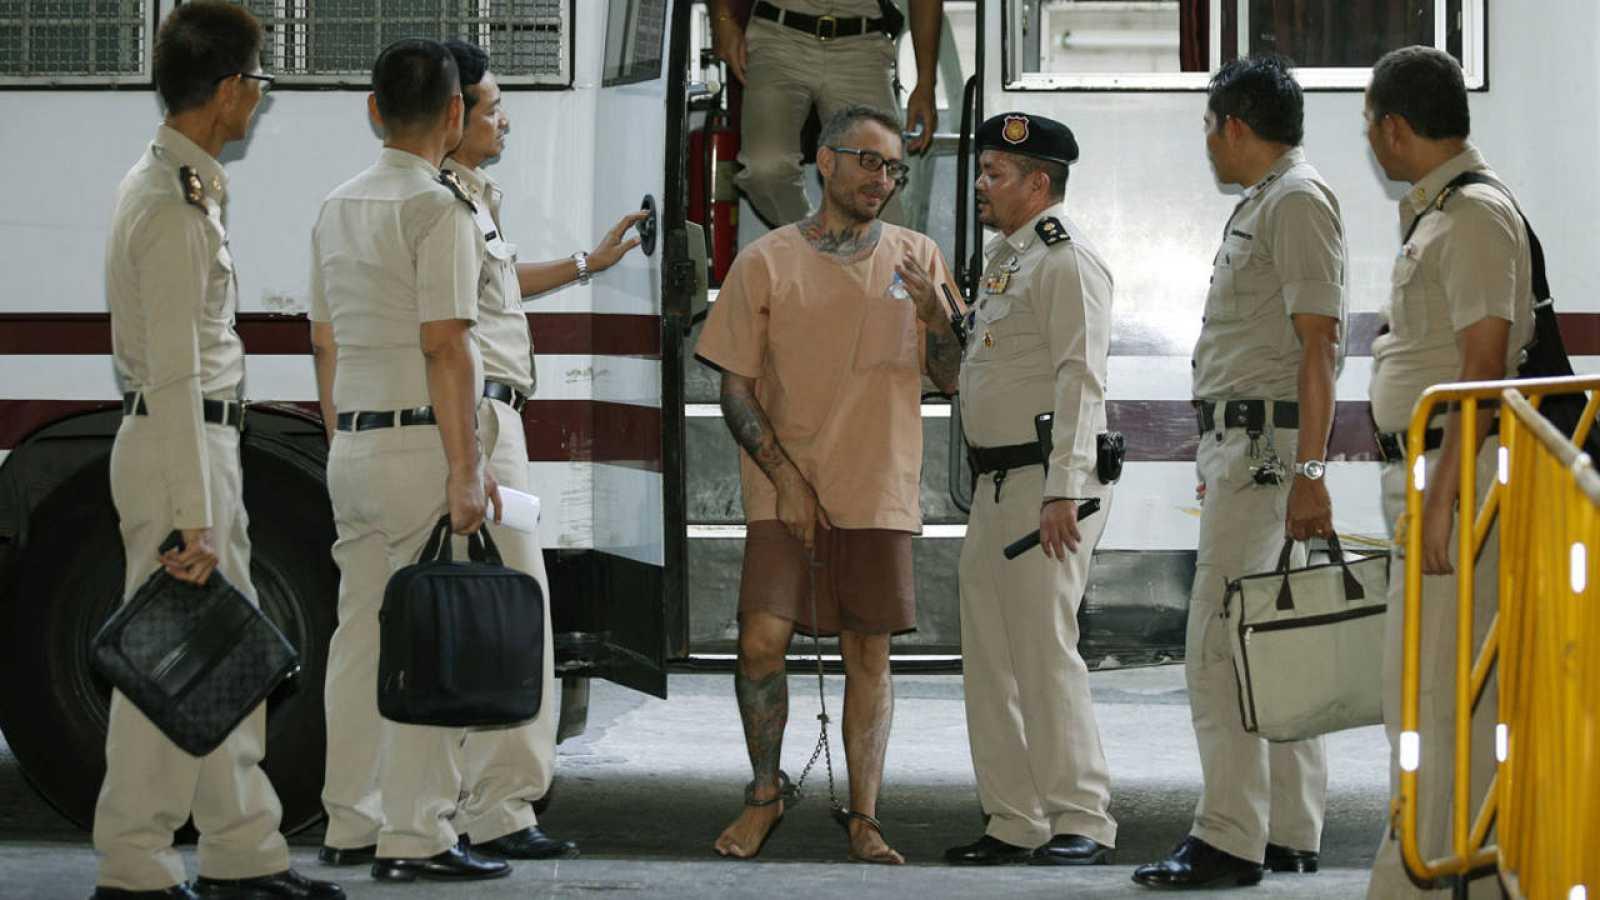 El español Artur Segarra (c) a su llegada a la Corte Criminal de Tailandia